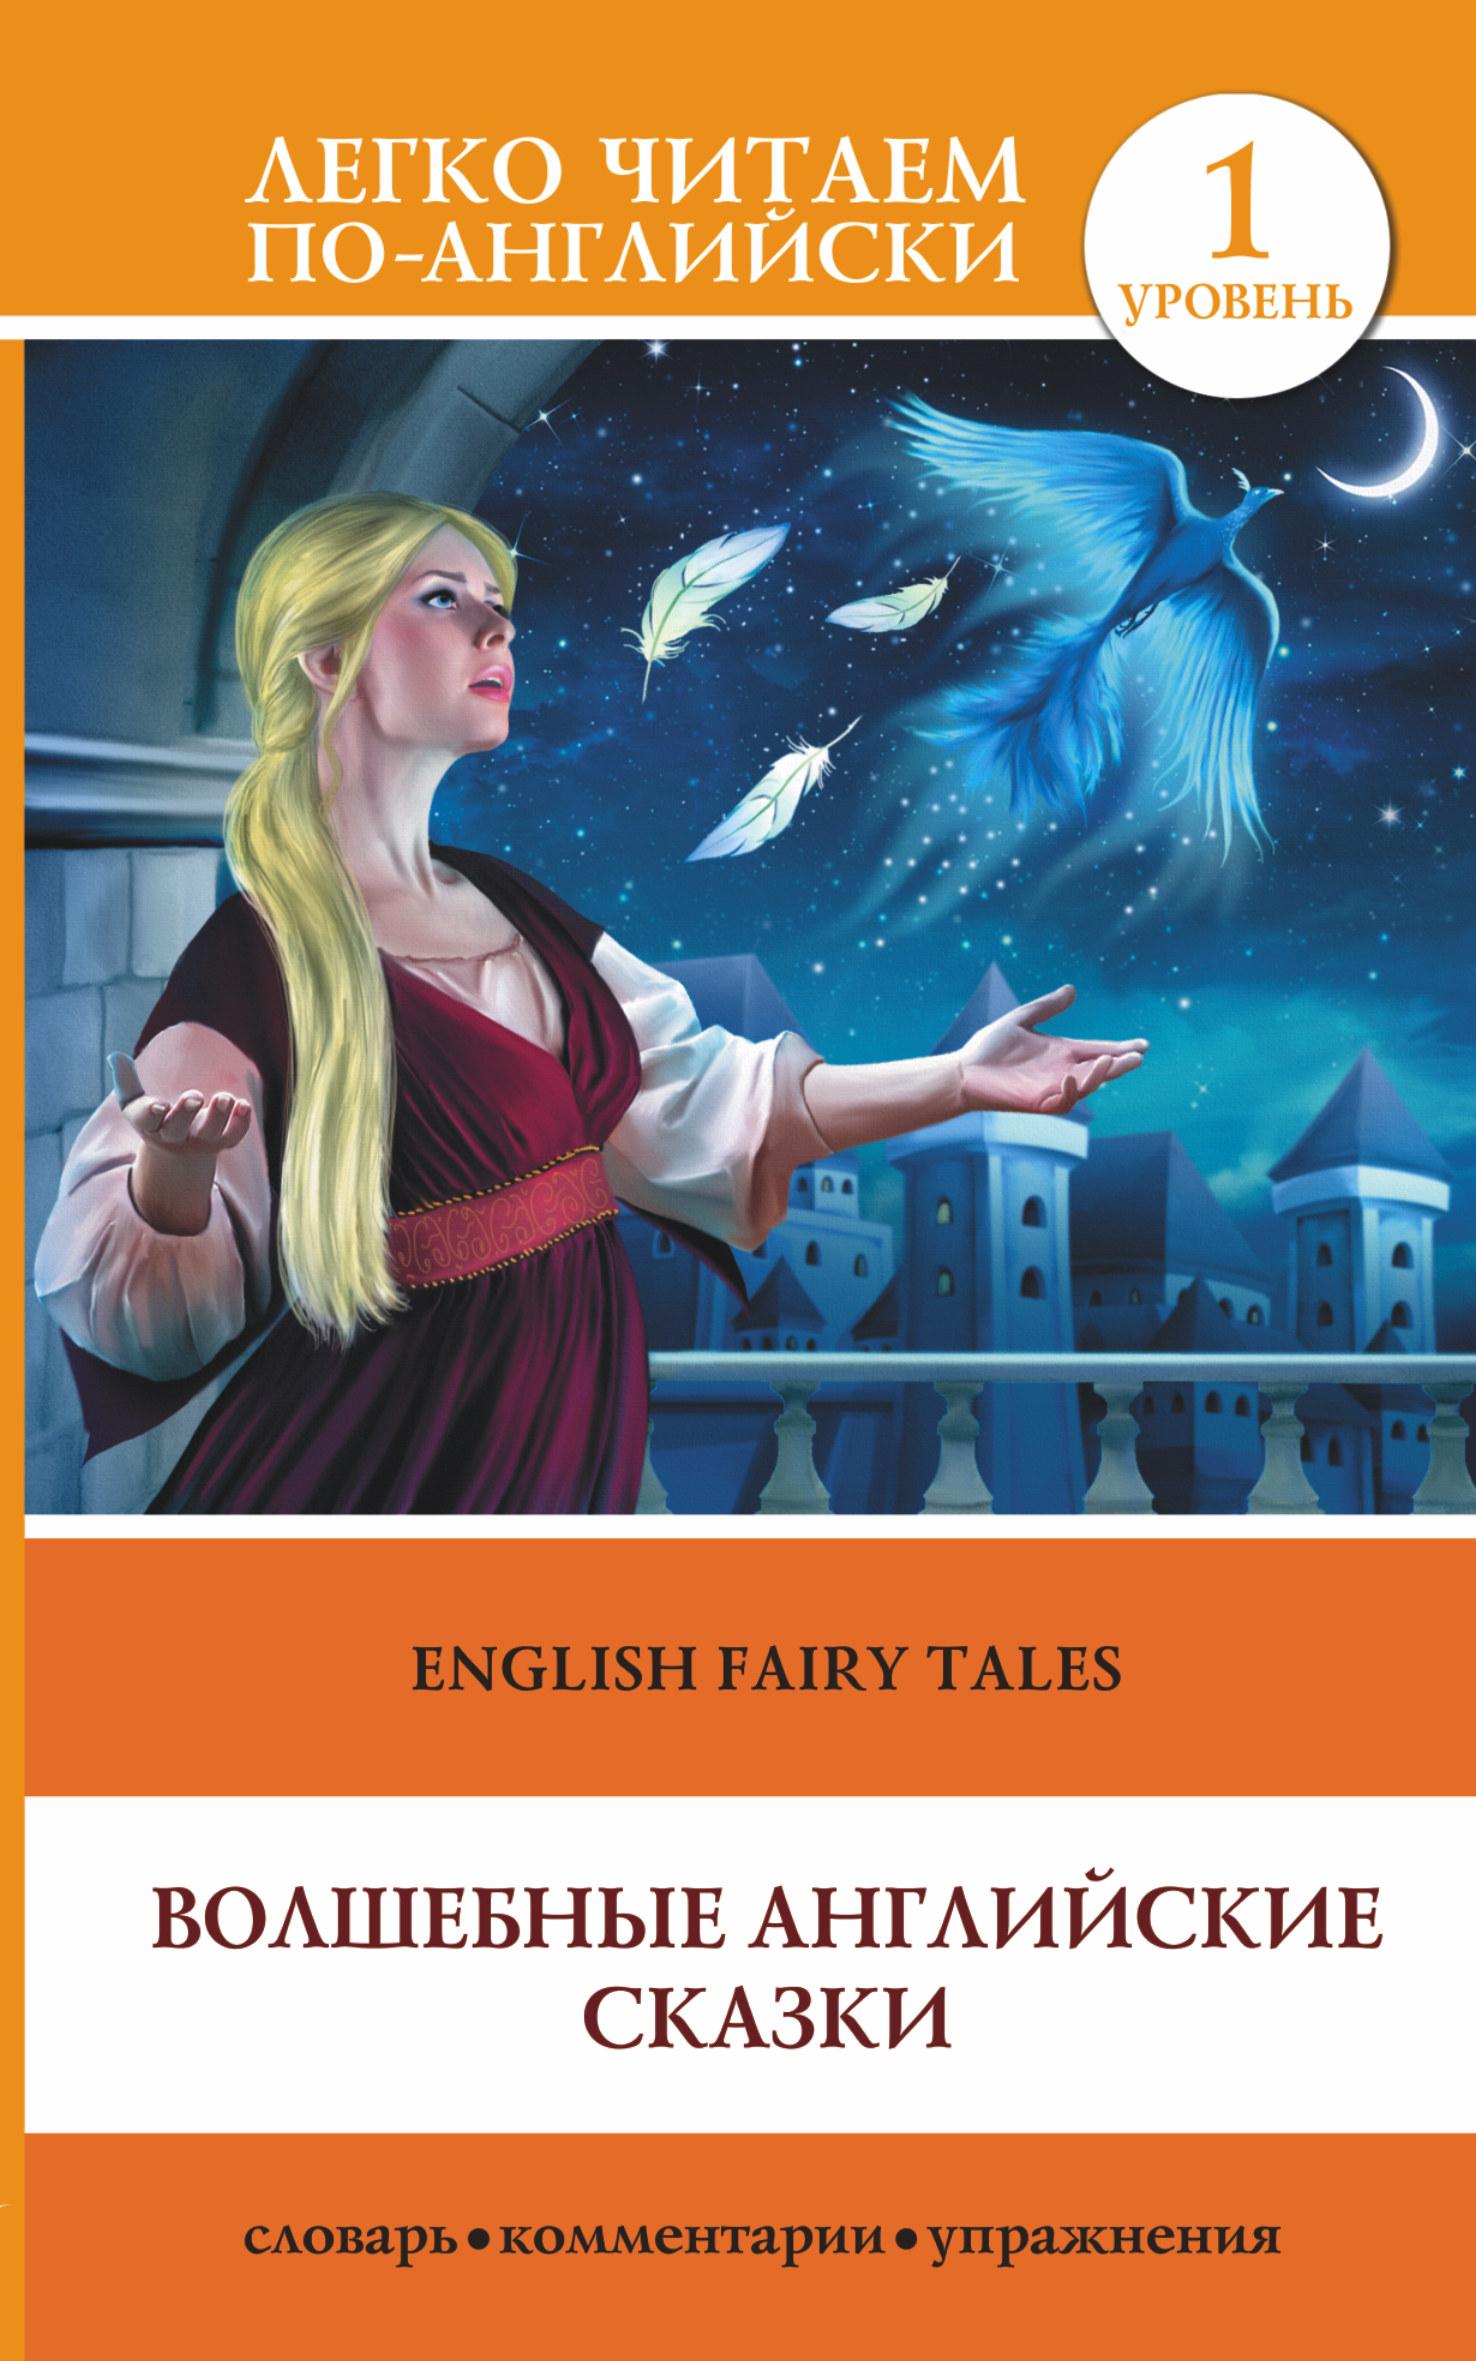 . Волшебные английские сказки = English Fairy Tales вадим эрлихман английские короли